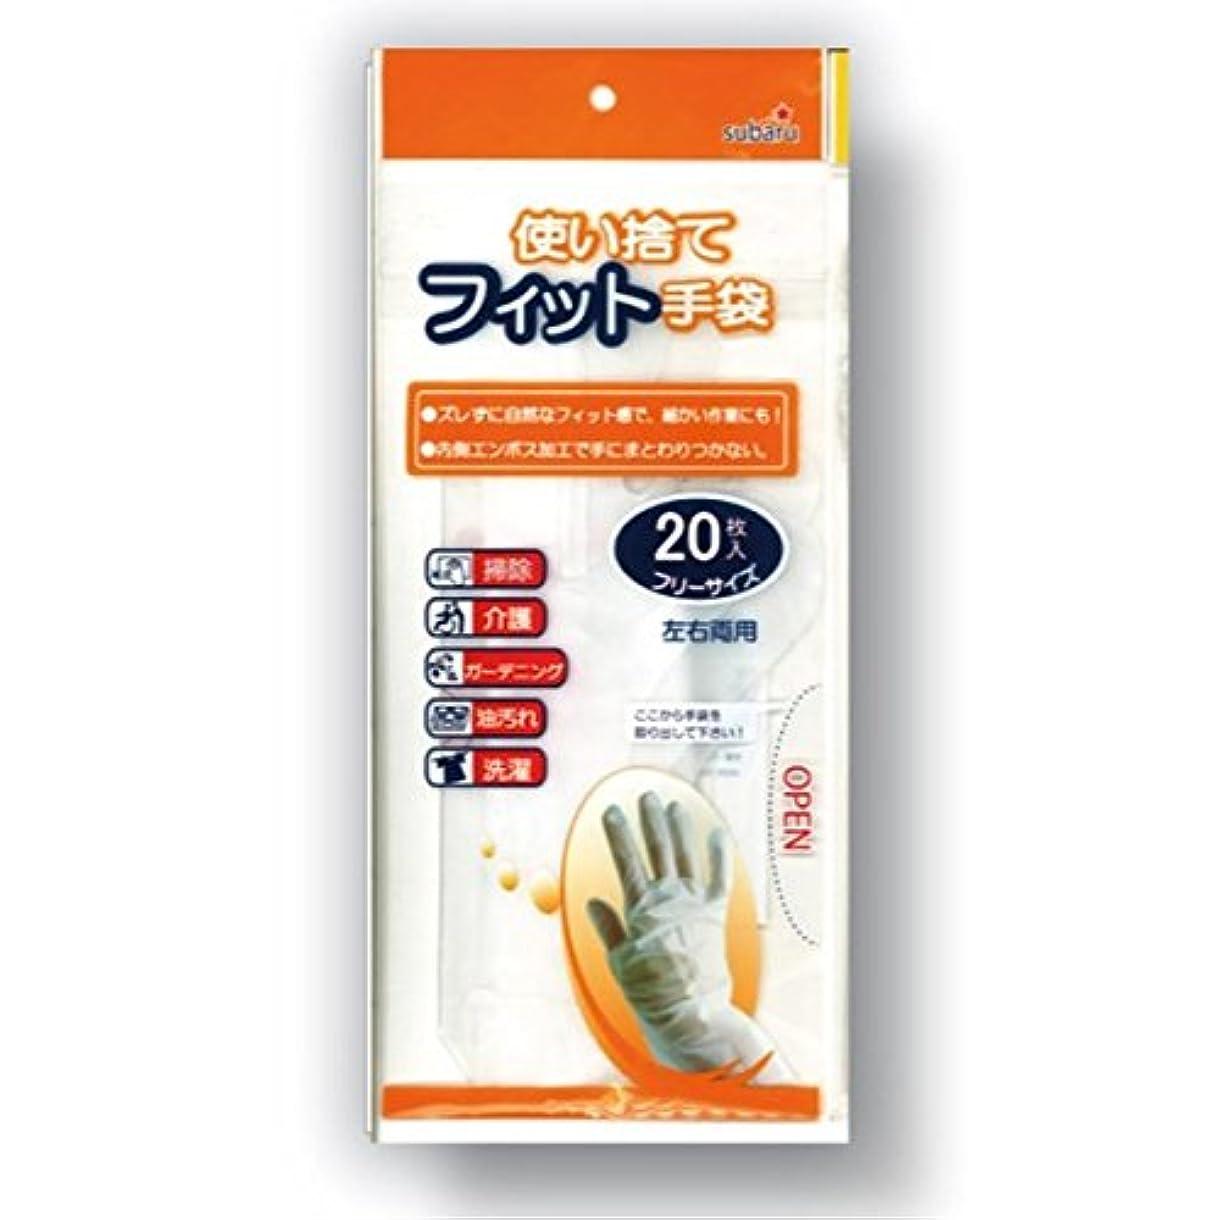 信念幹メイエラ使い捨てフィット手袋フリーサイズ20枚入[12個セット] 227-19